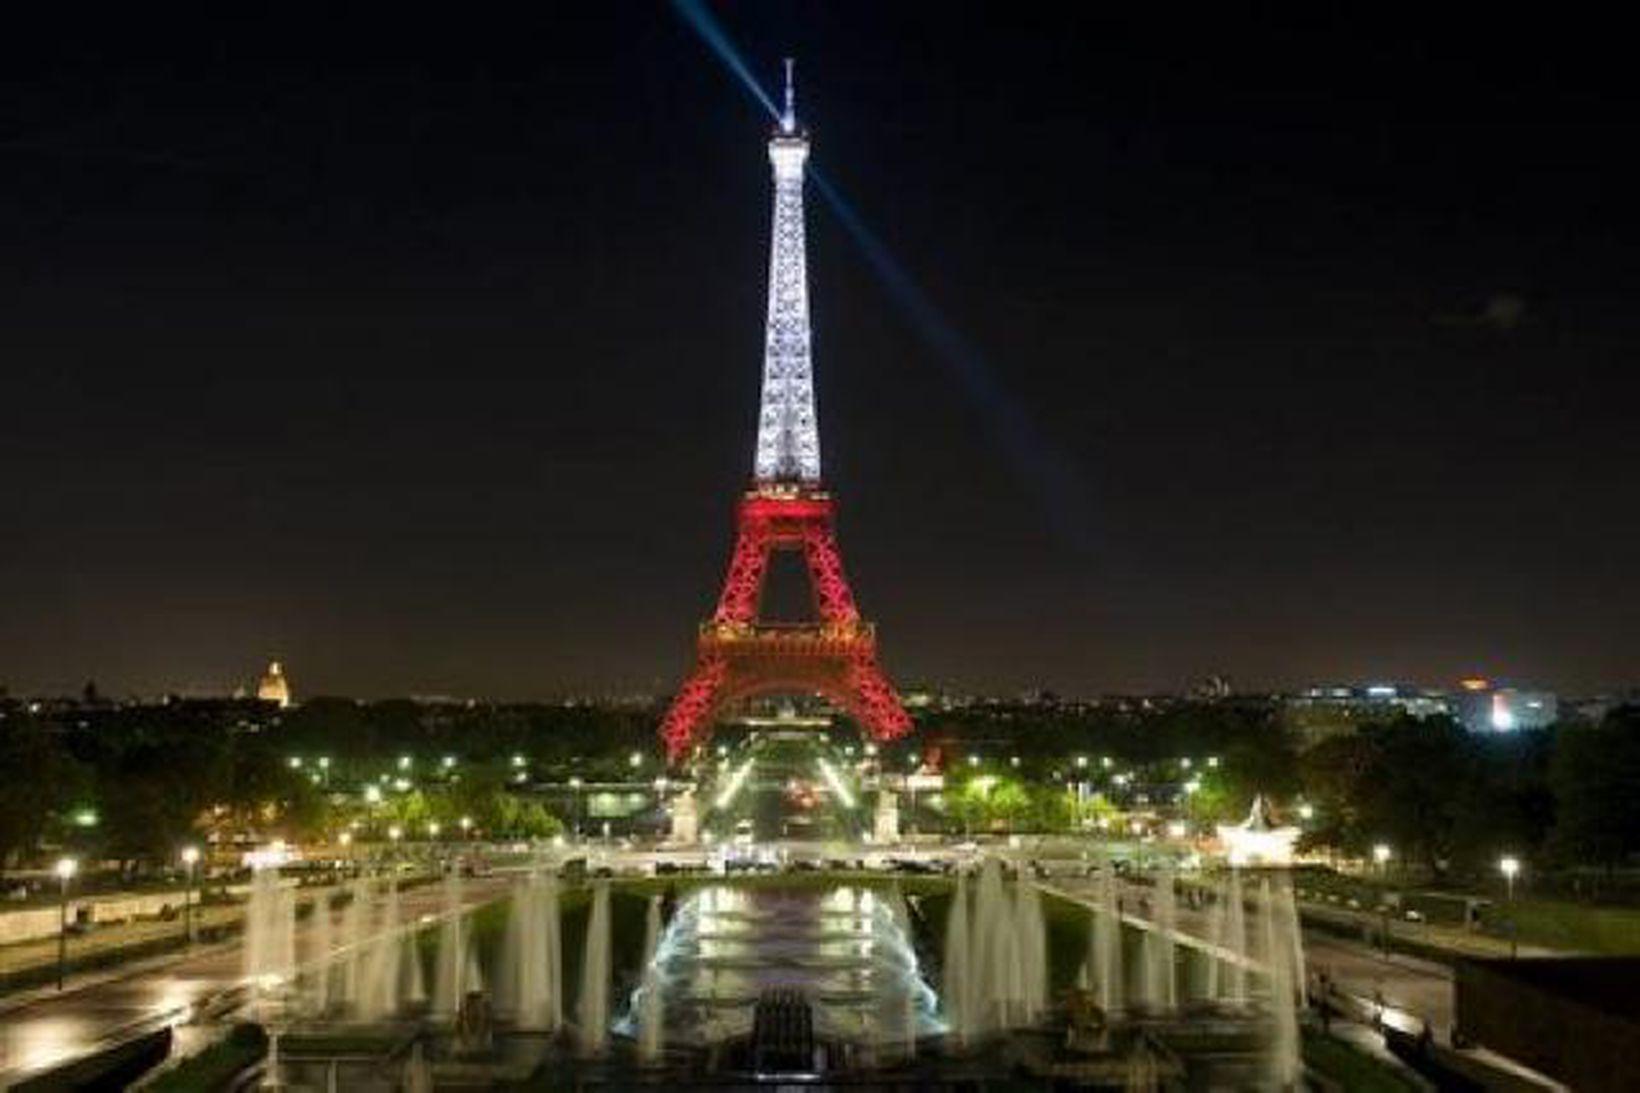 Eiffelturninn, eitt af táknum Parísar. Hann tengist fréttinni ekki beint.